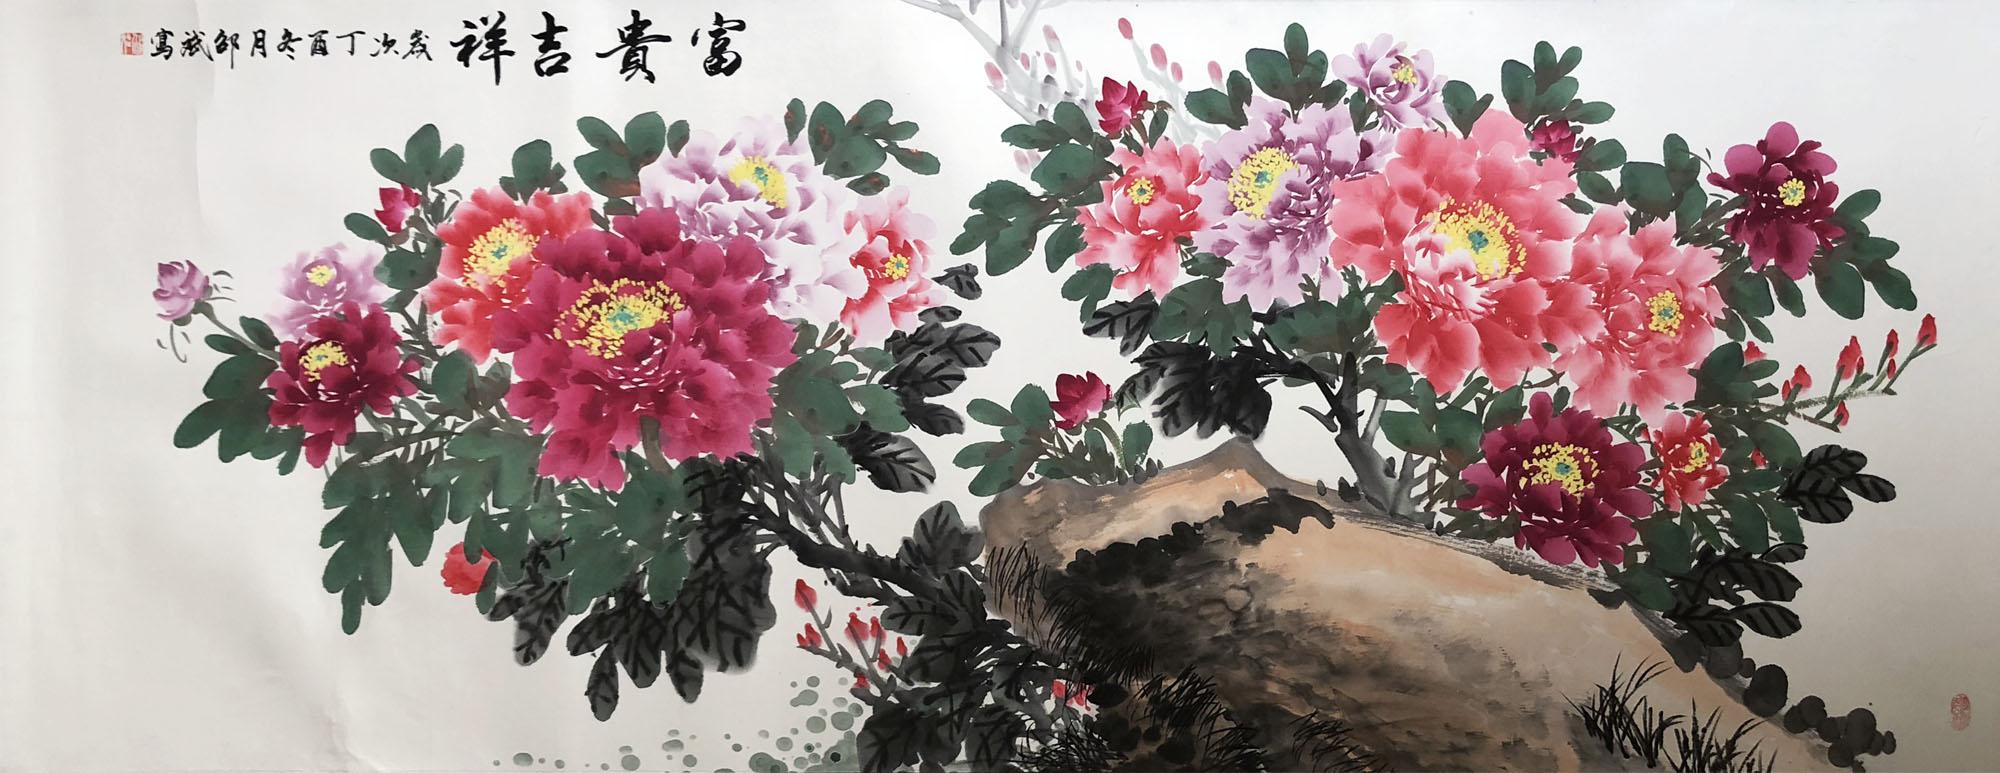 花开富贵 牡丹 四尺横幅